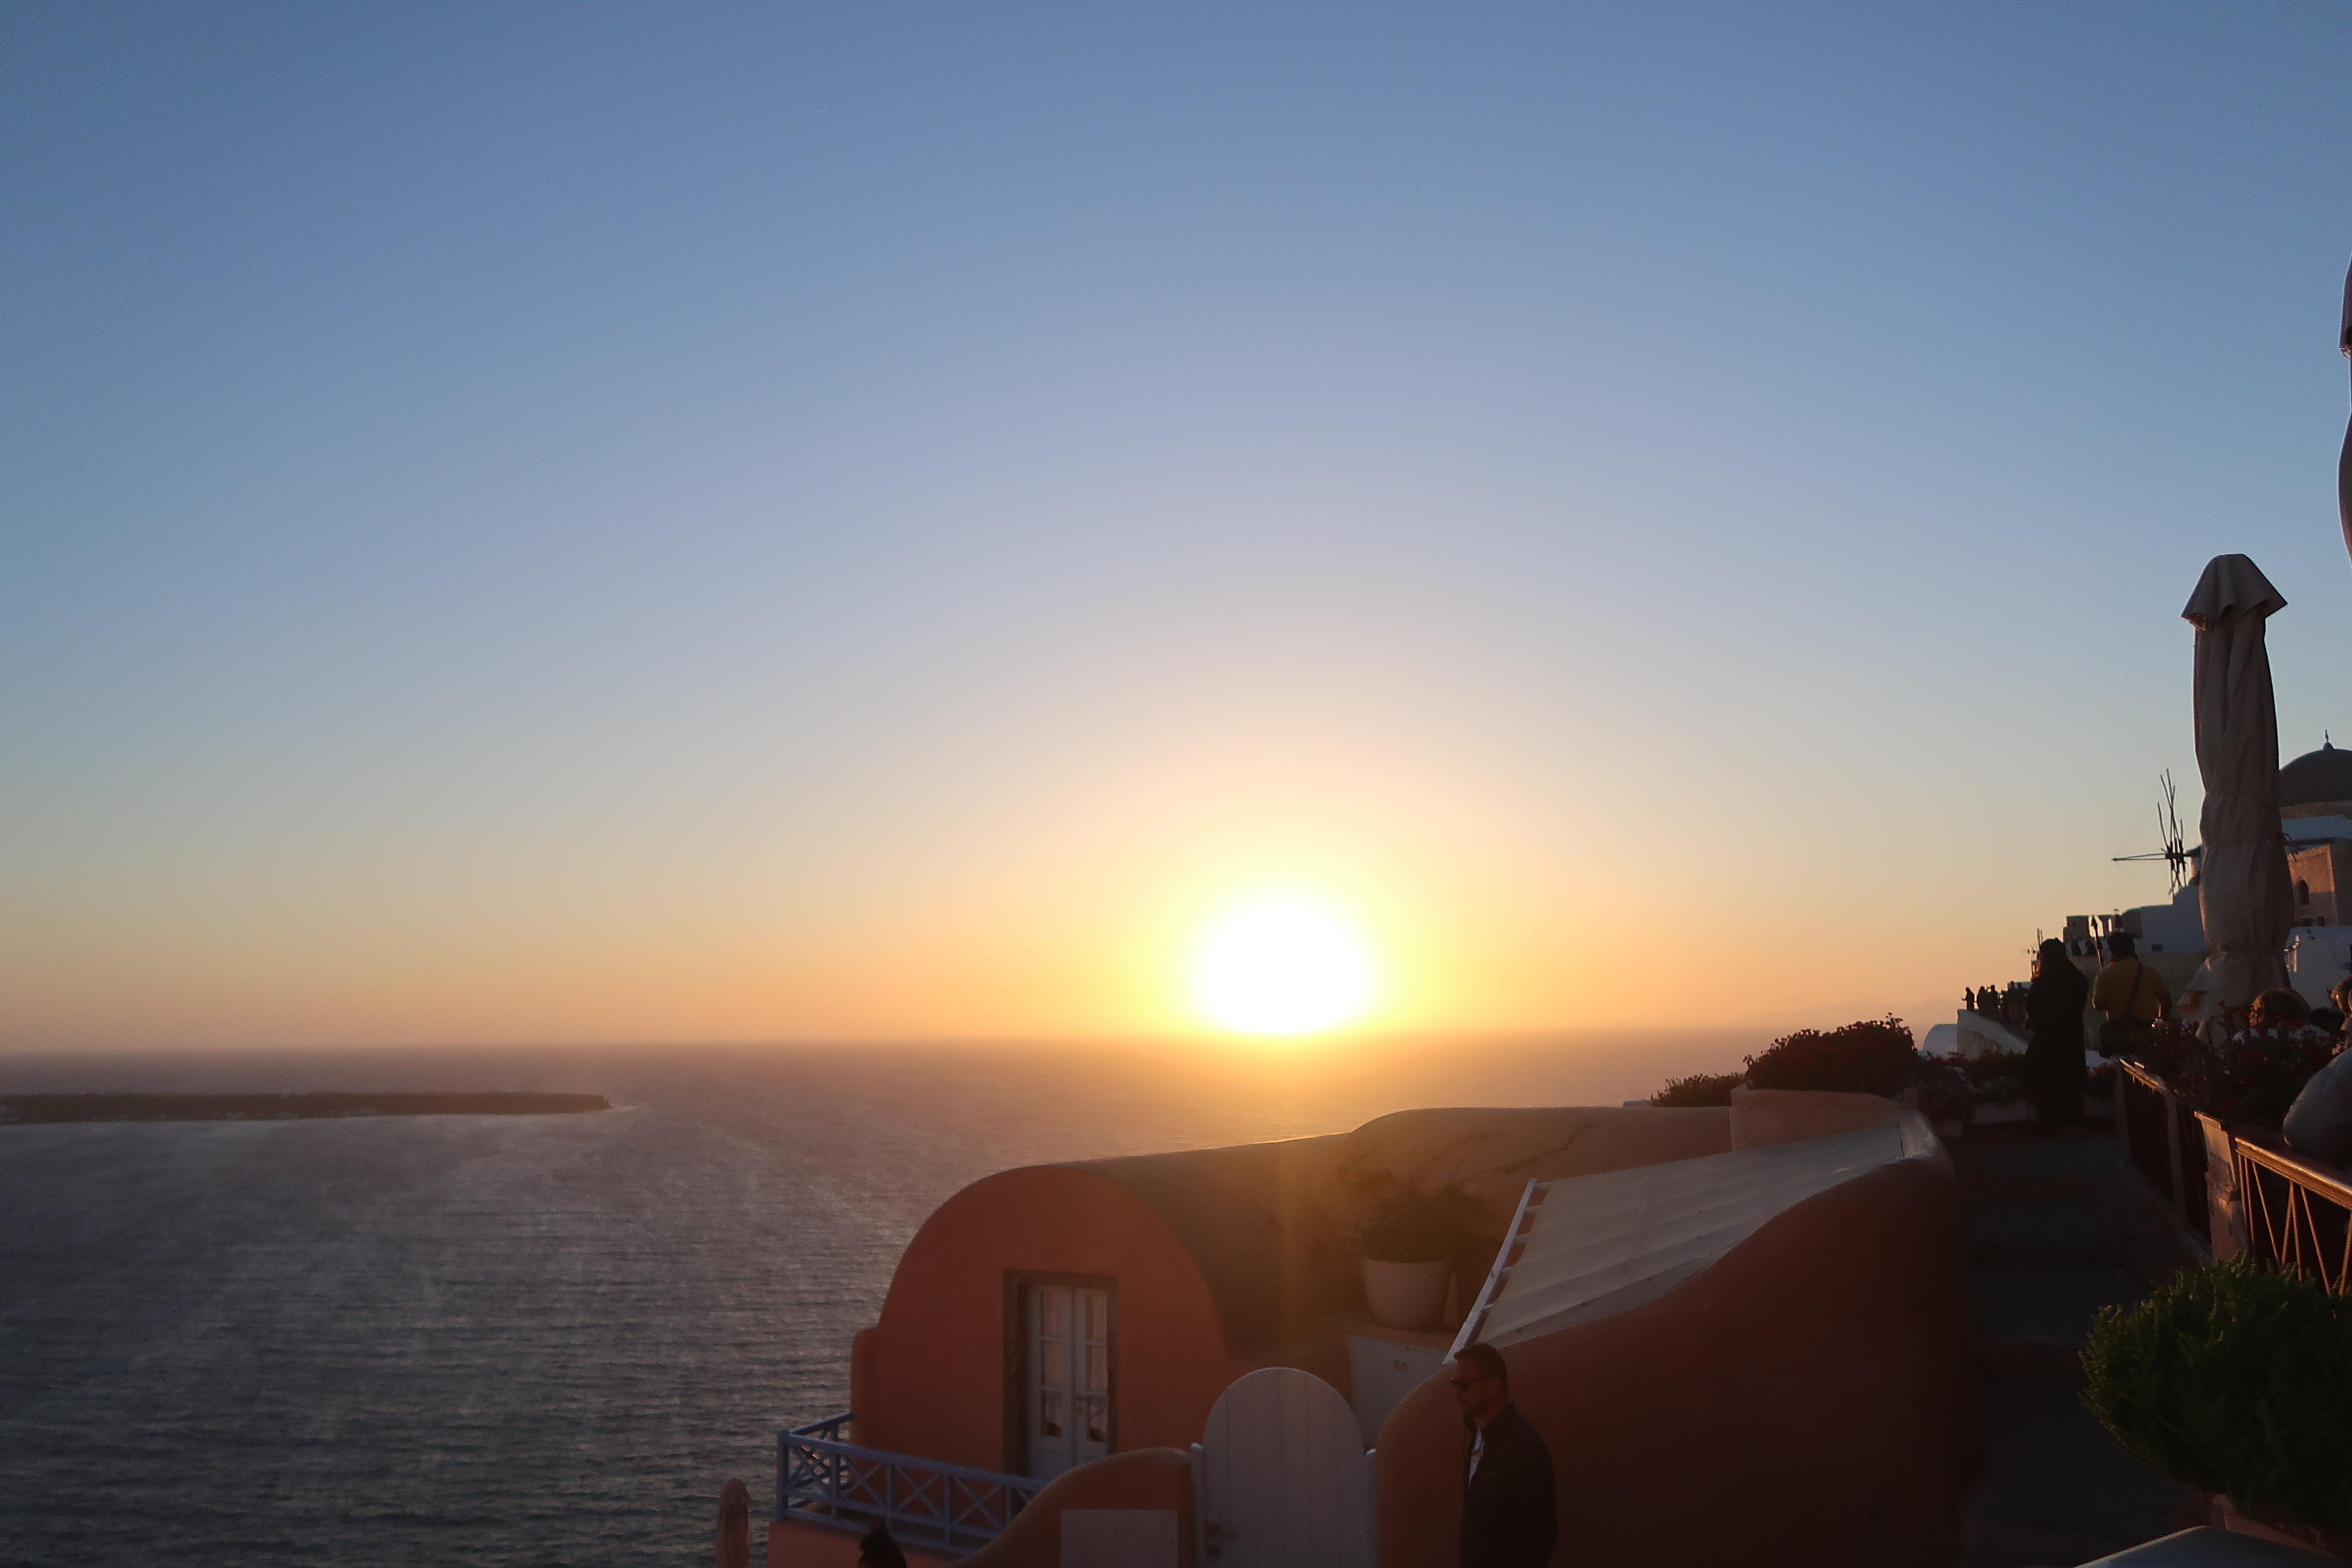 santorini sunset view from restaurant